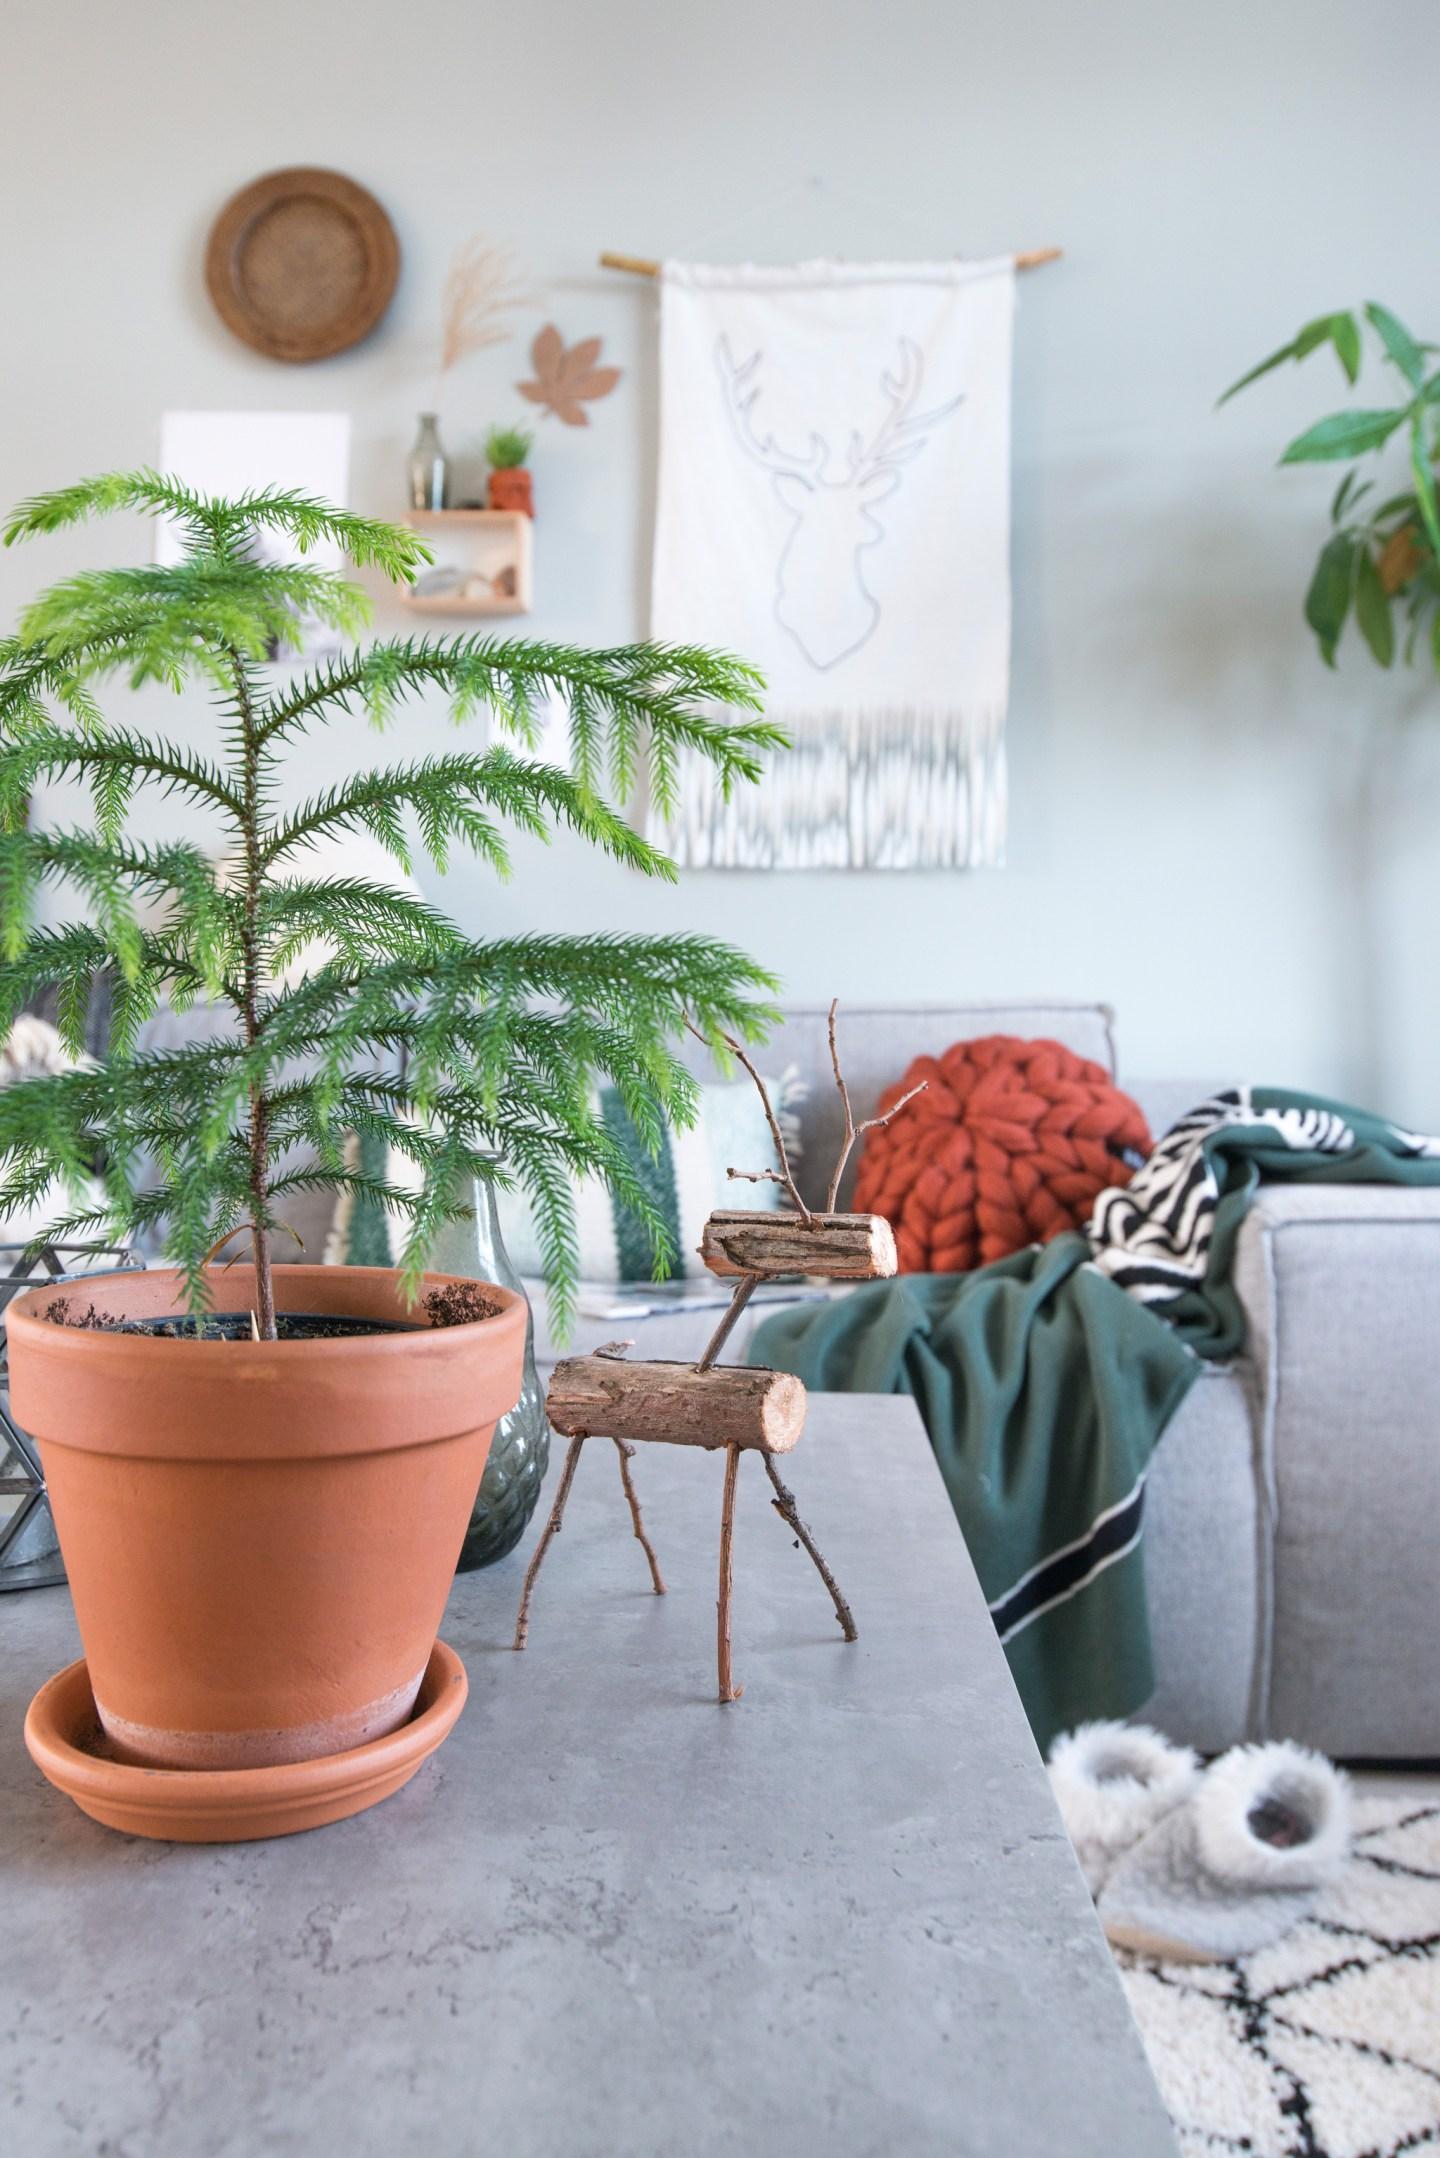 kamerden diy wandkleed hert reindeer betonlook groen planten terracotta woonkamer